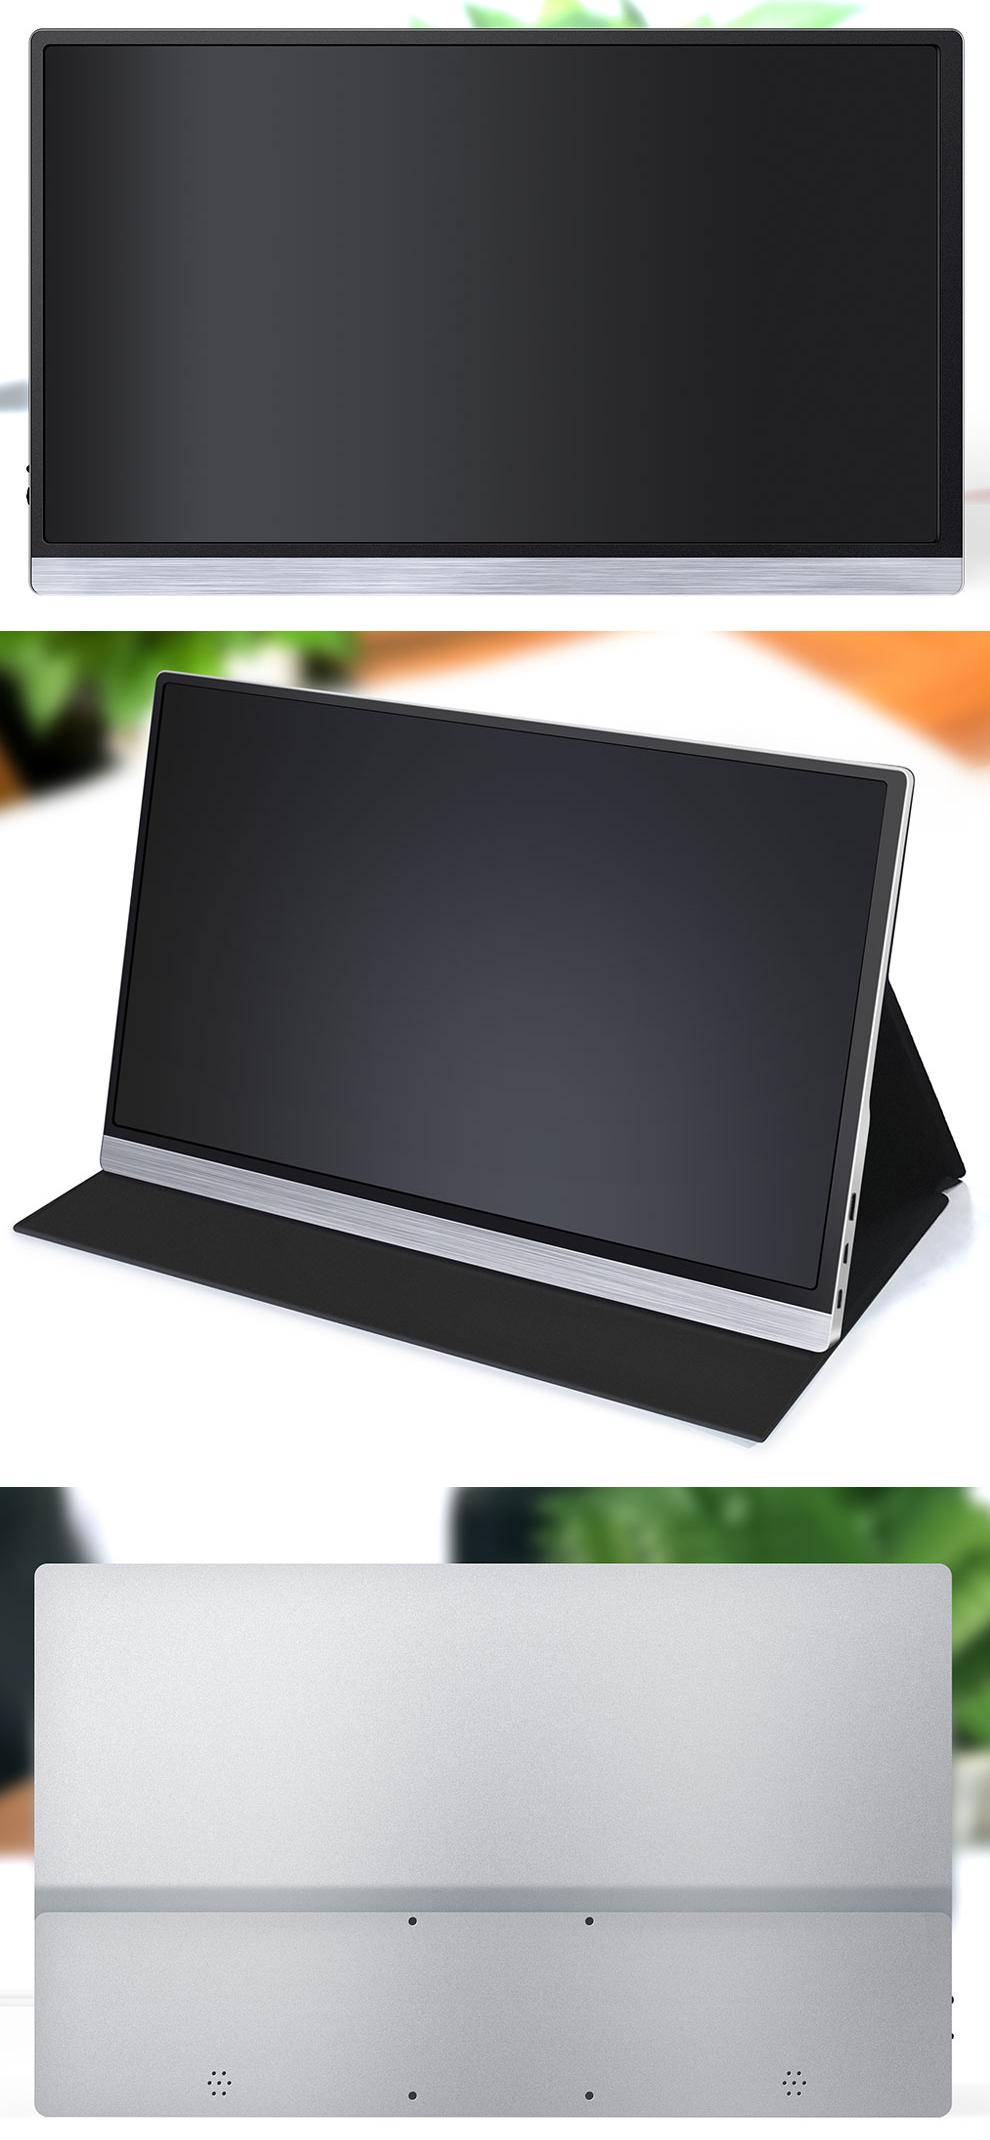 شاشة لمس FHD1080p خارجية 2k محمولة, شاشة ألعاب لمسية للهاتف مع مفتاح الكمبيوتر المحمول PS4 xbox